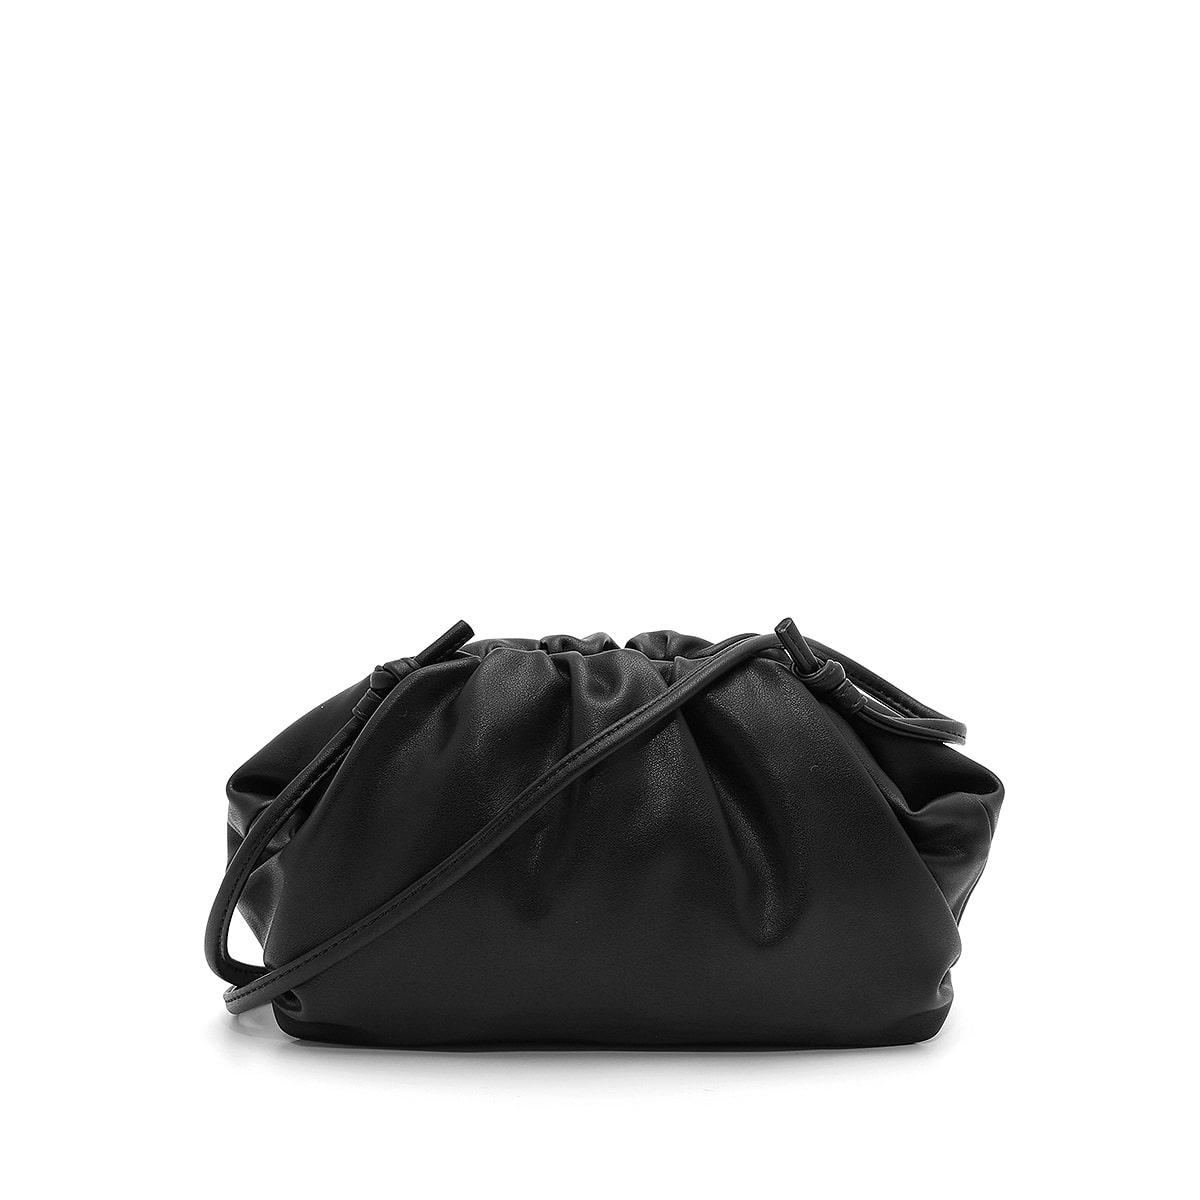 דגם אשלי: קלאץ' לנשים בצבע שחור